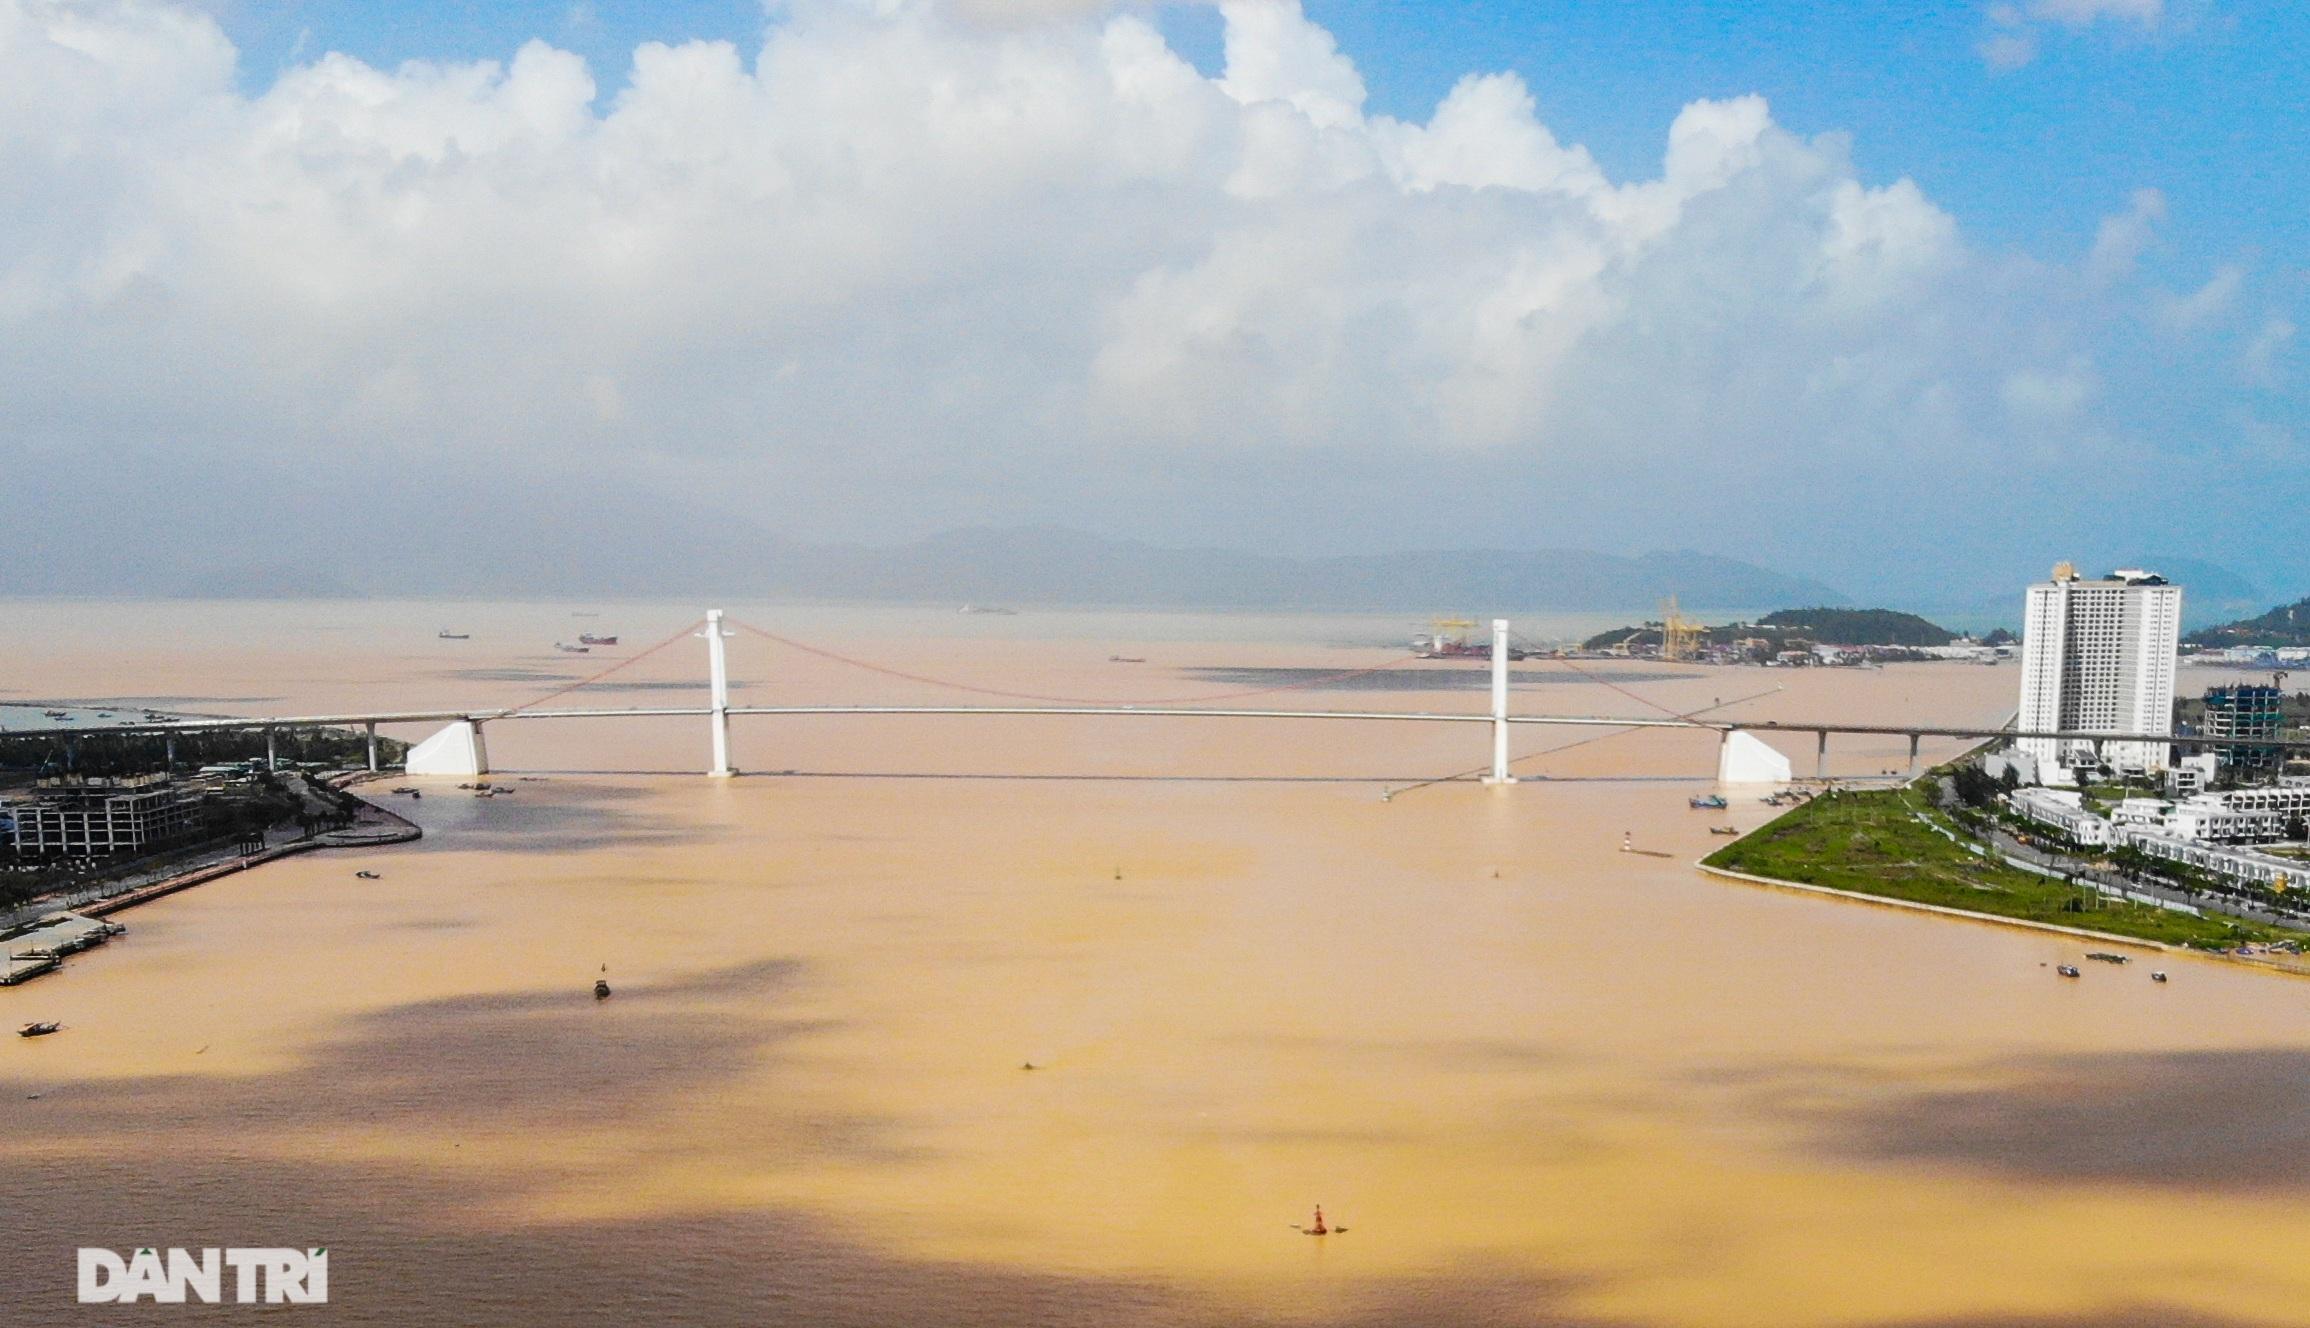 Chiêm ngưỡng 4 cây cầu ấn tượng nối đôi bờ sông Hàn ở Đà Nẵng - 19